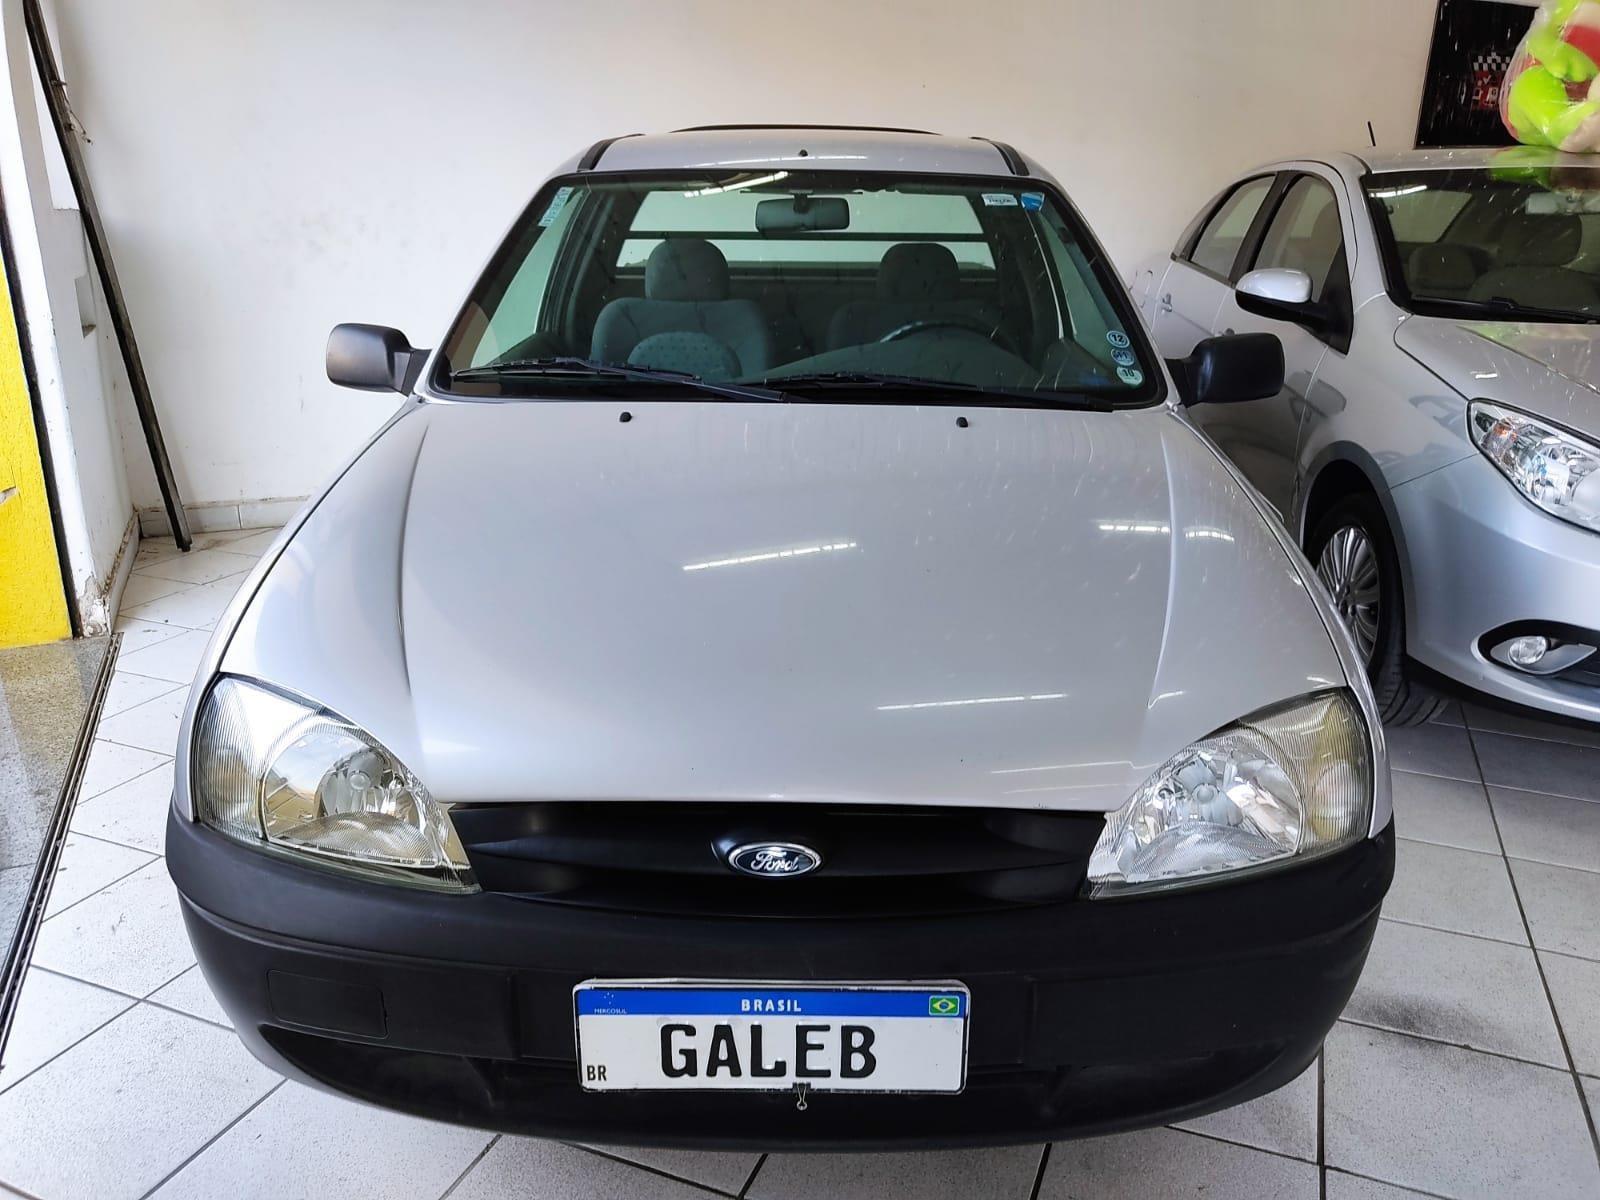 //www.autoline.com.br/carro/ford/courier-16-l-8v-flex-2p-manual/2009/atibaia-sp/15563351